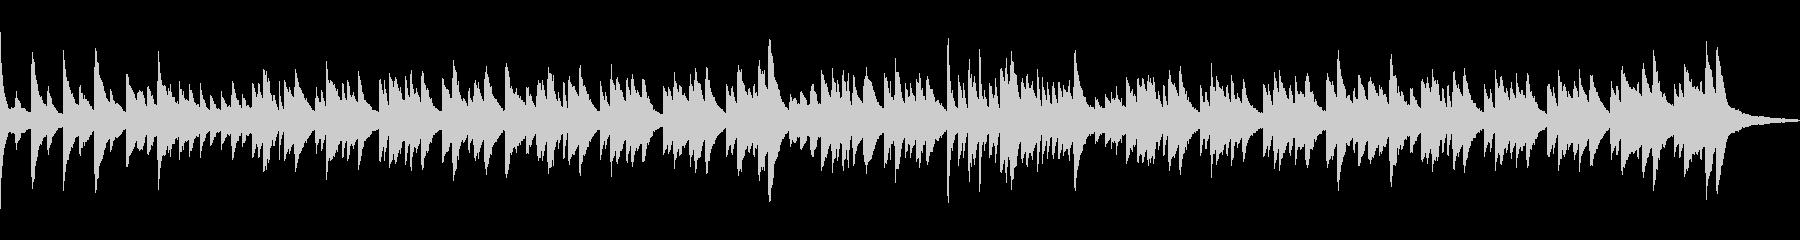 春の音連れをイメージしたピアノワルツの未再生の波形